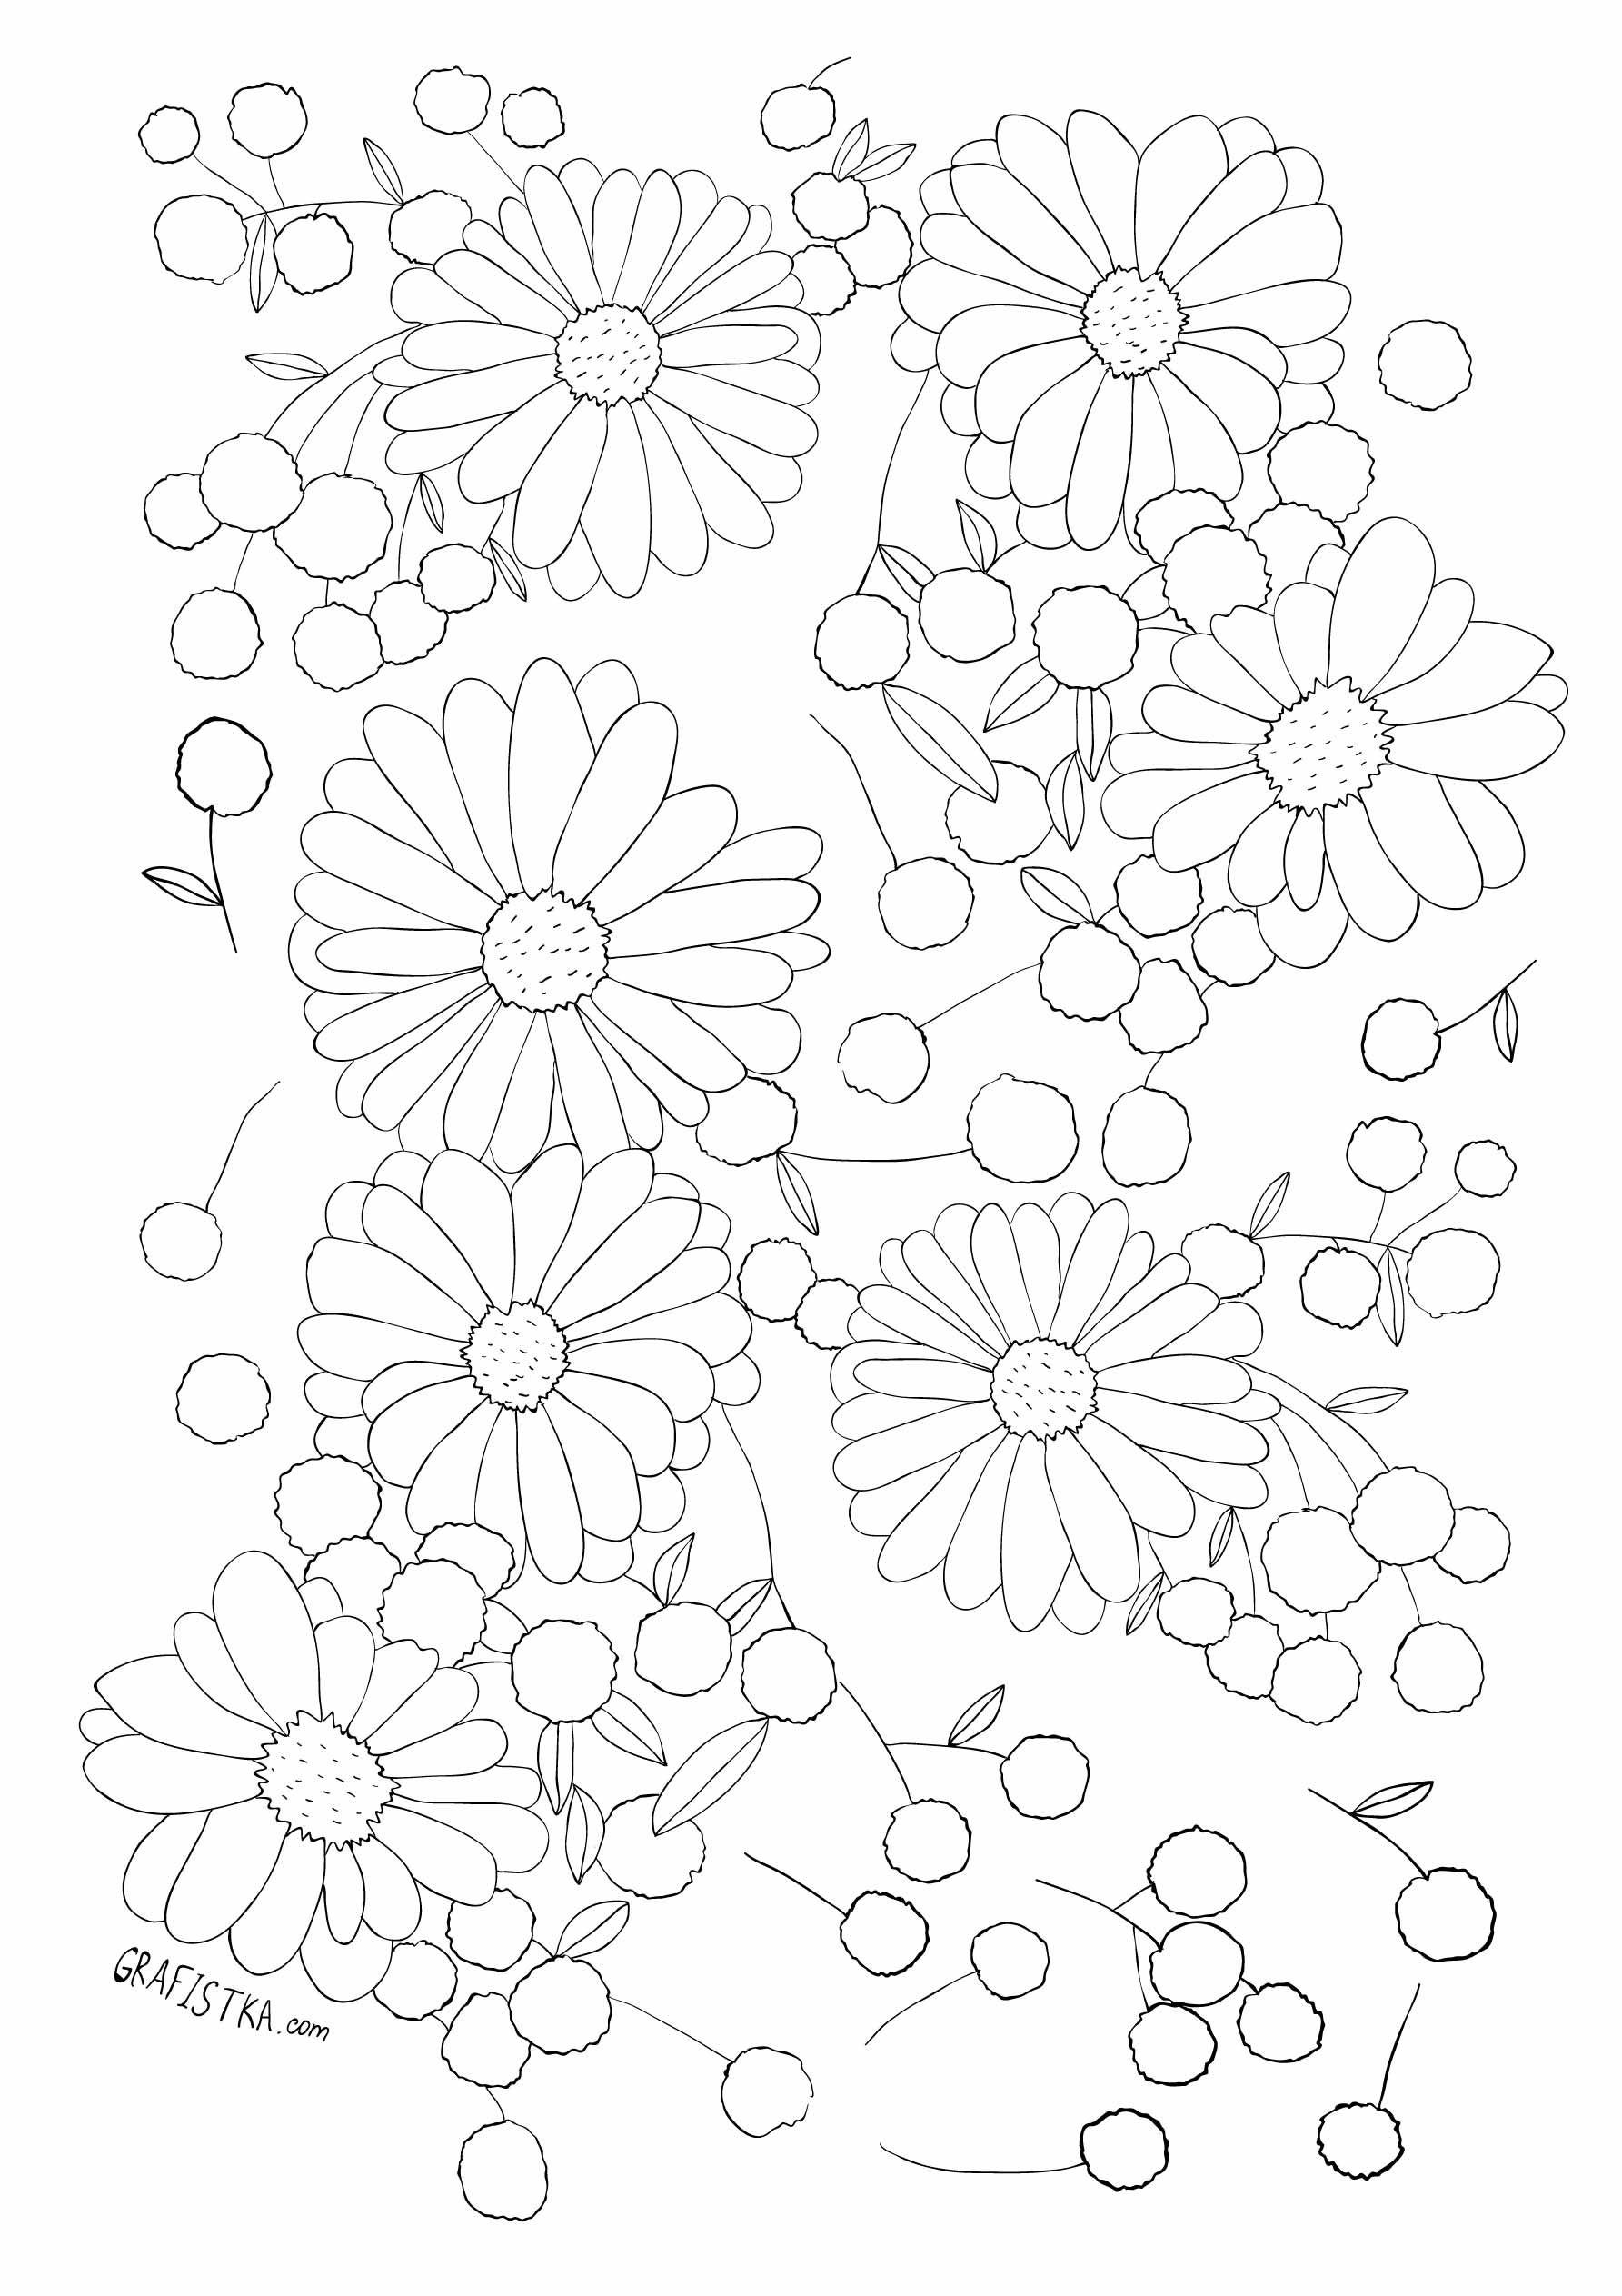 Malowanie Antystresowy Kwiaty Stokrotki Kolorowanki Dla Dorosłych